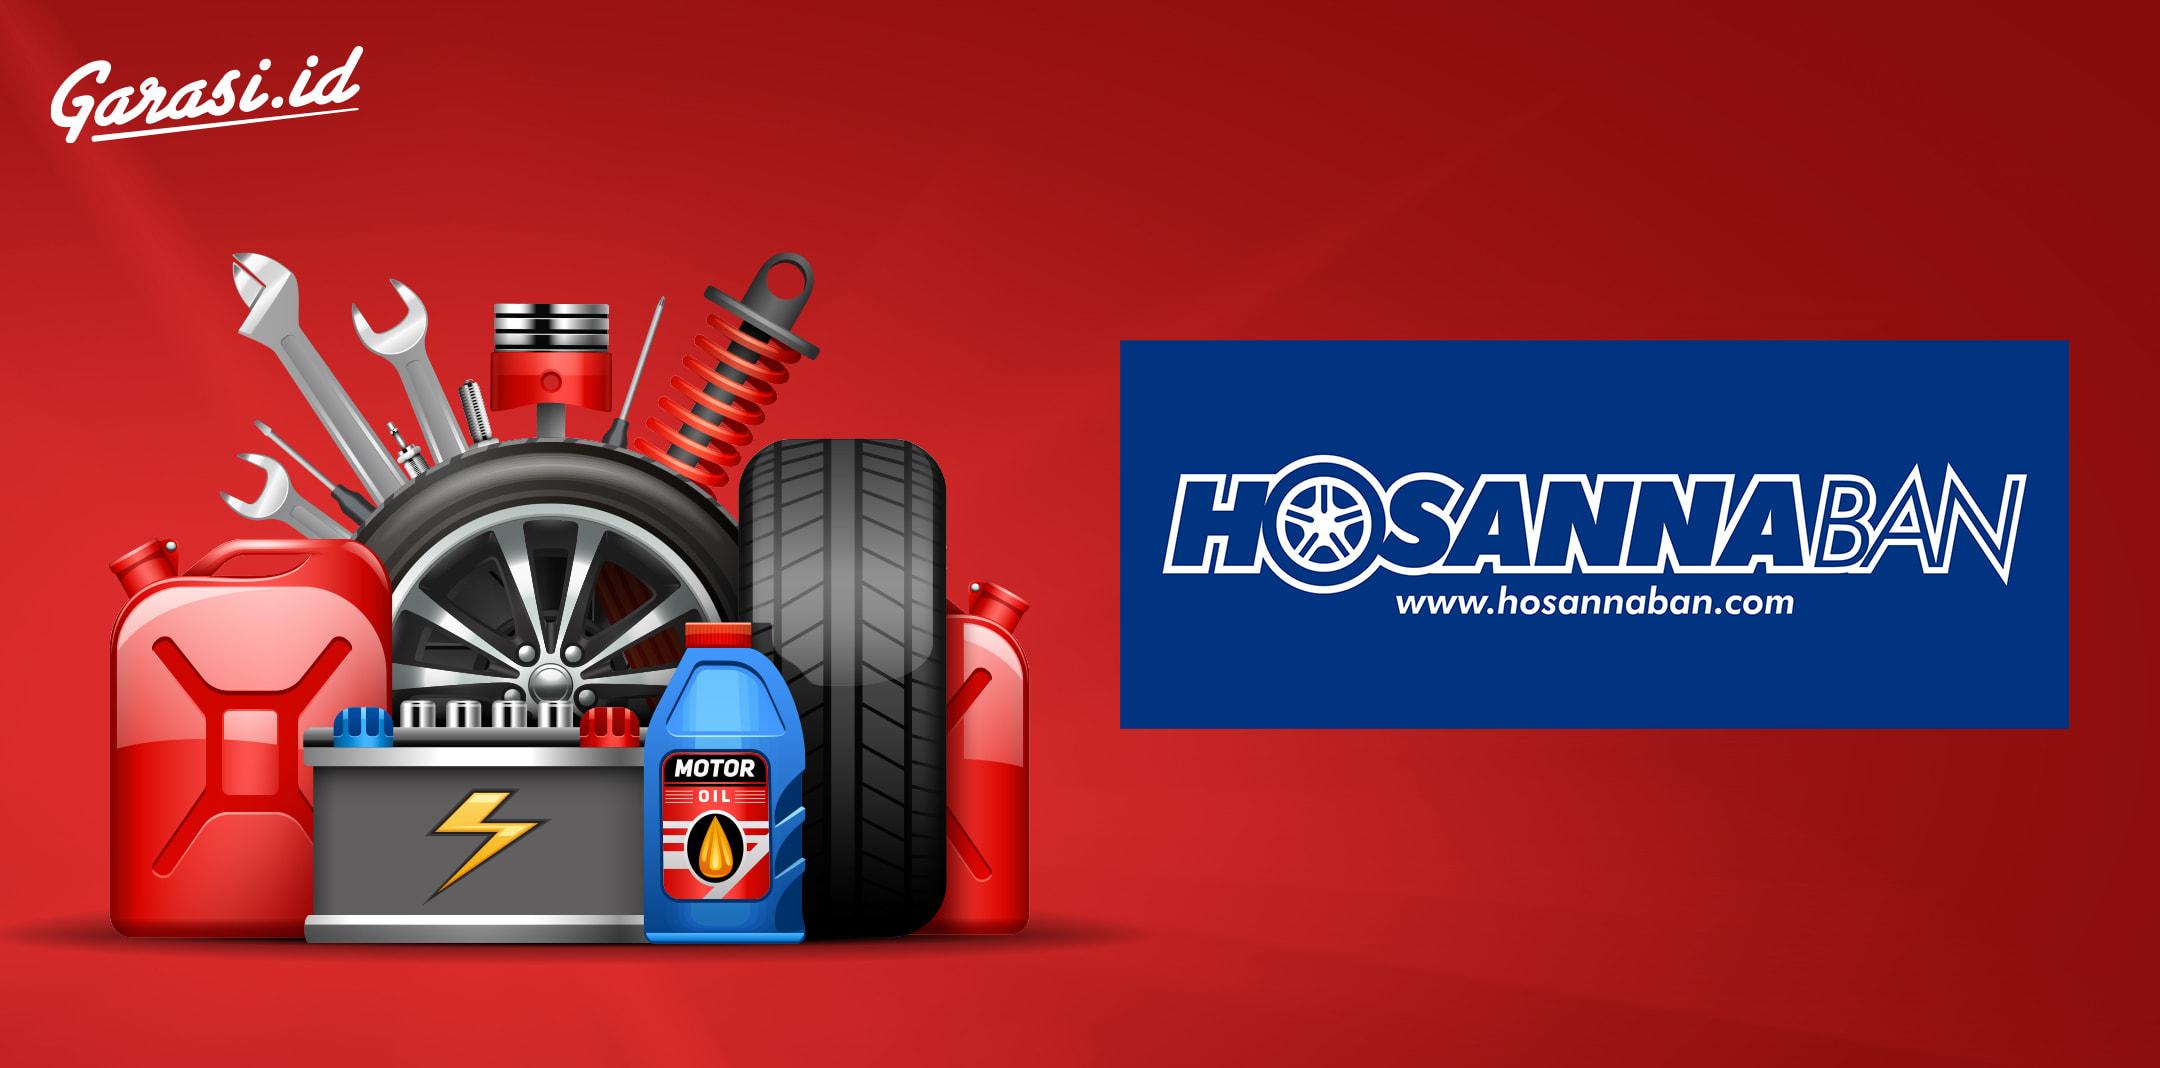 Hosanna Ban